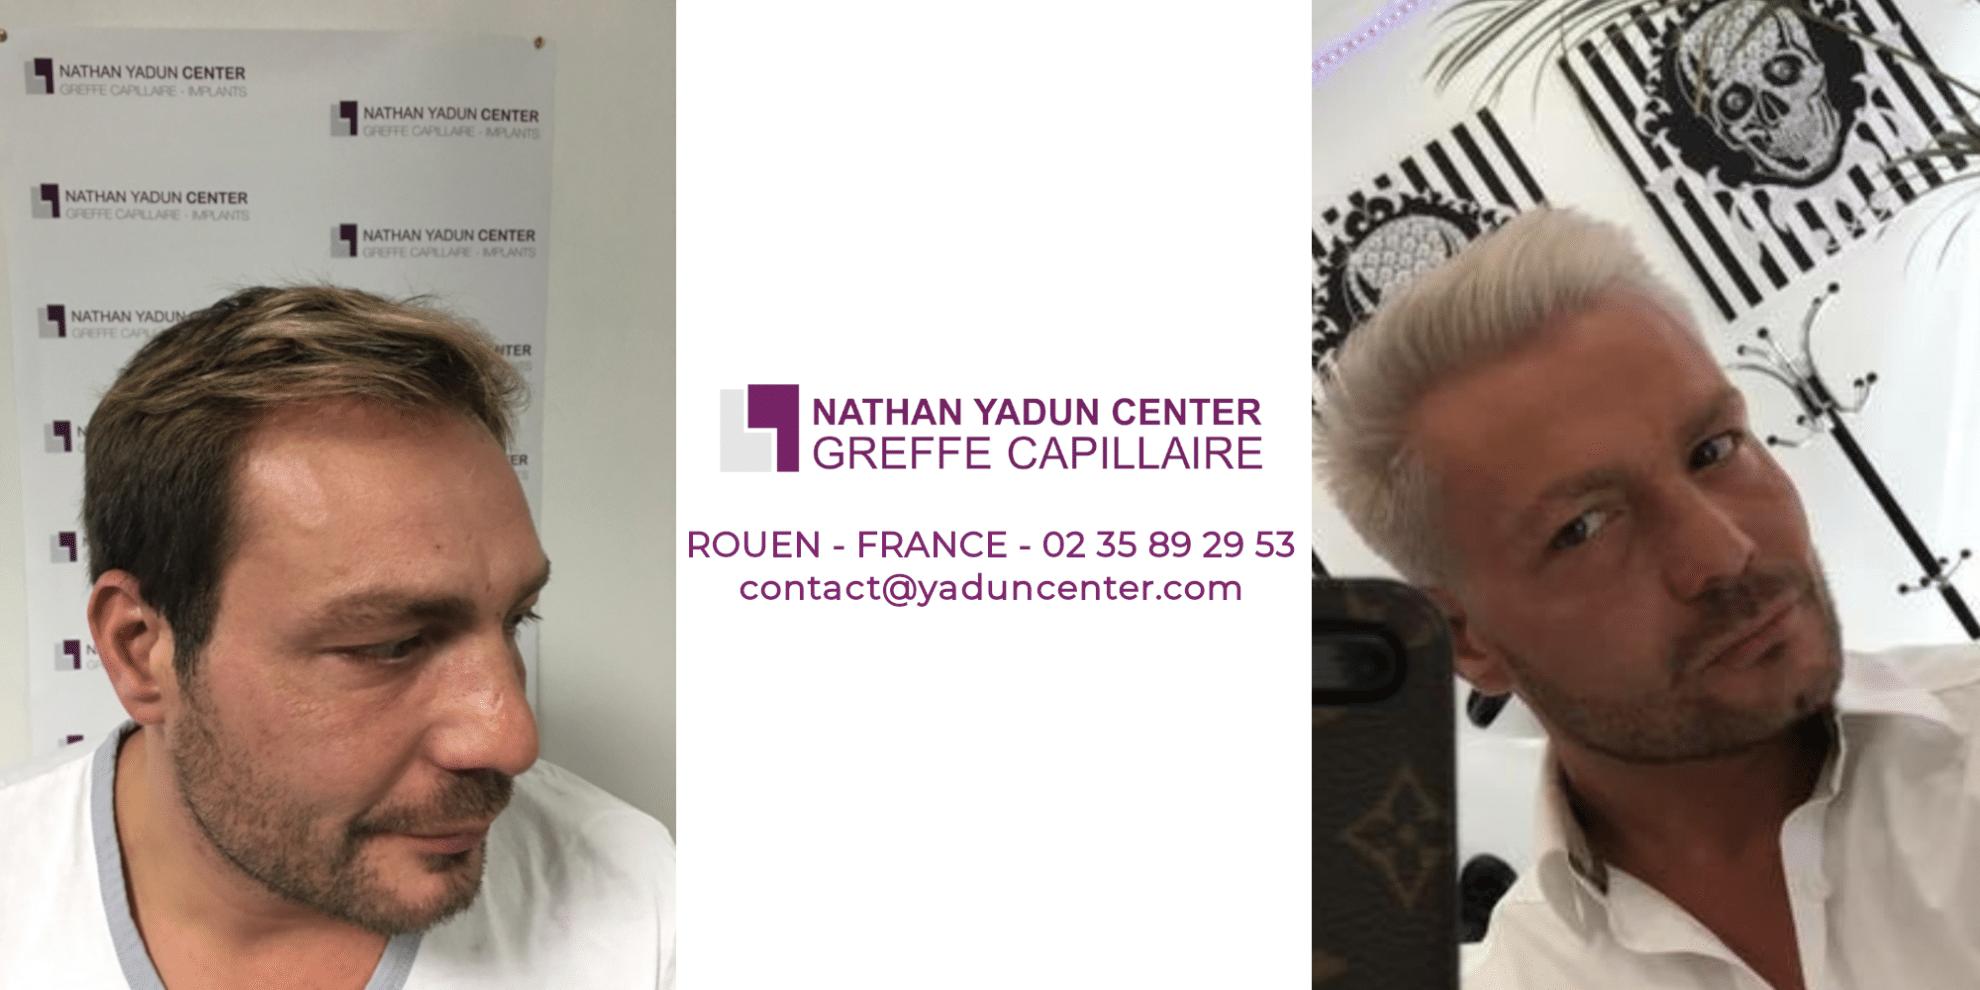 Gallerie vidéo Nathan Yadun Center